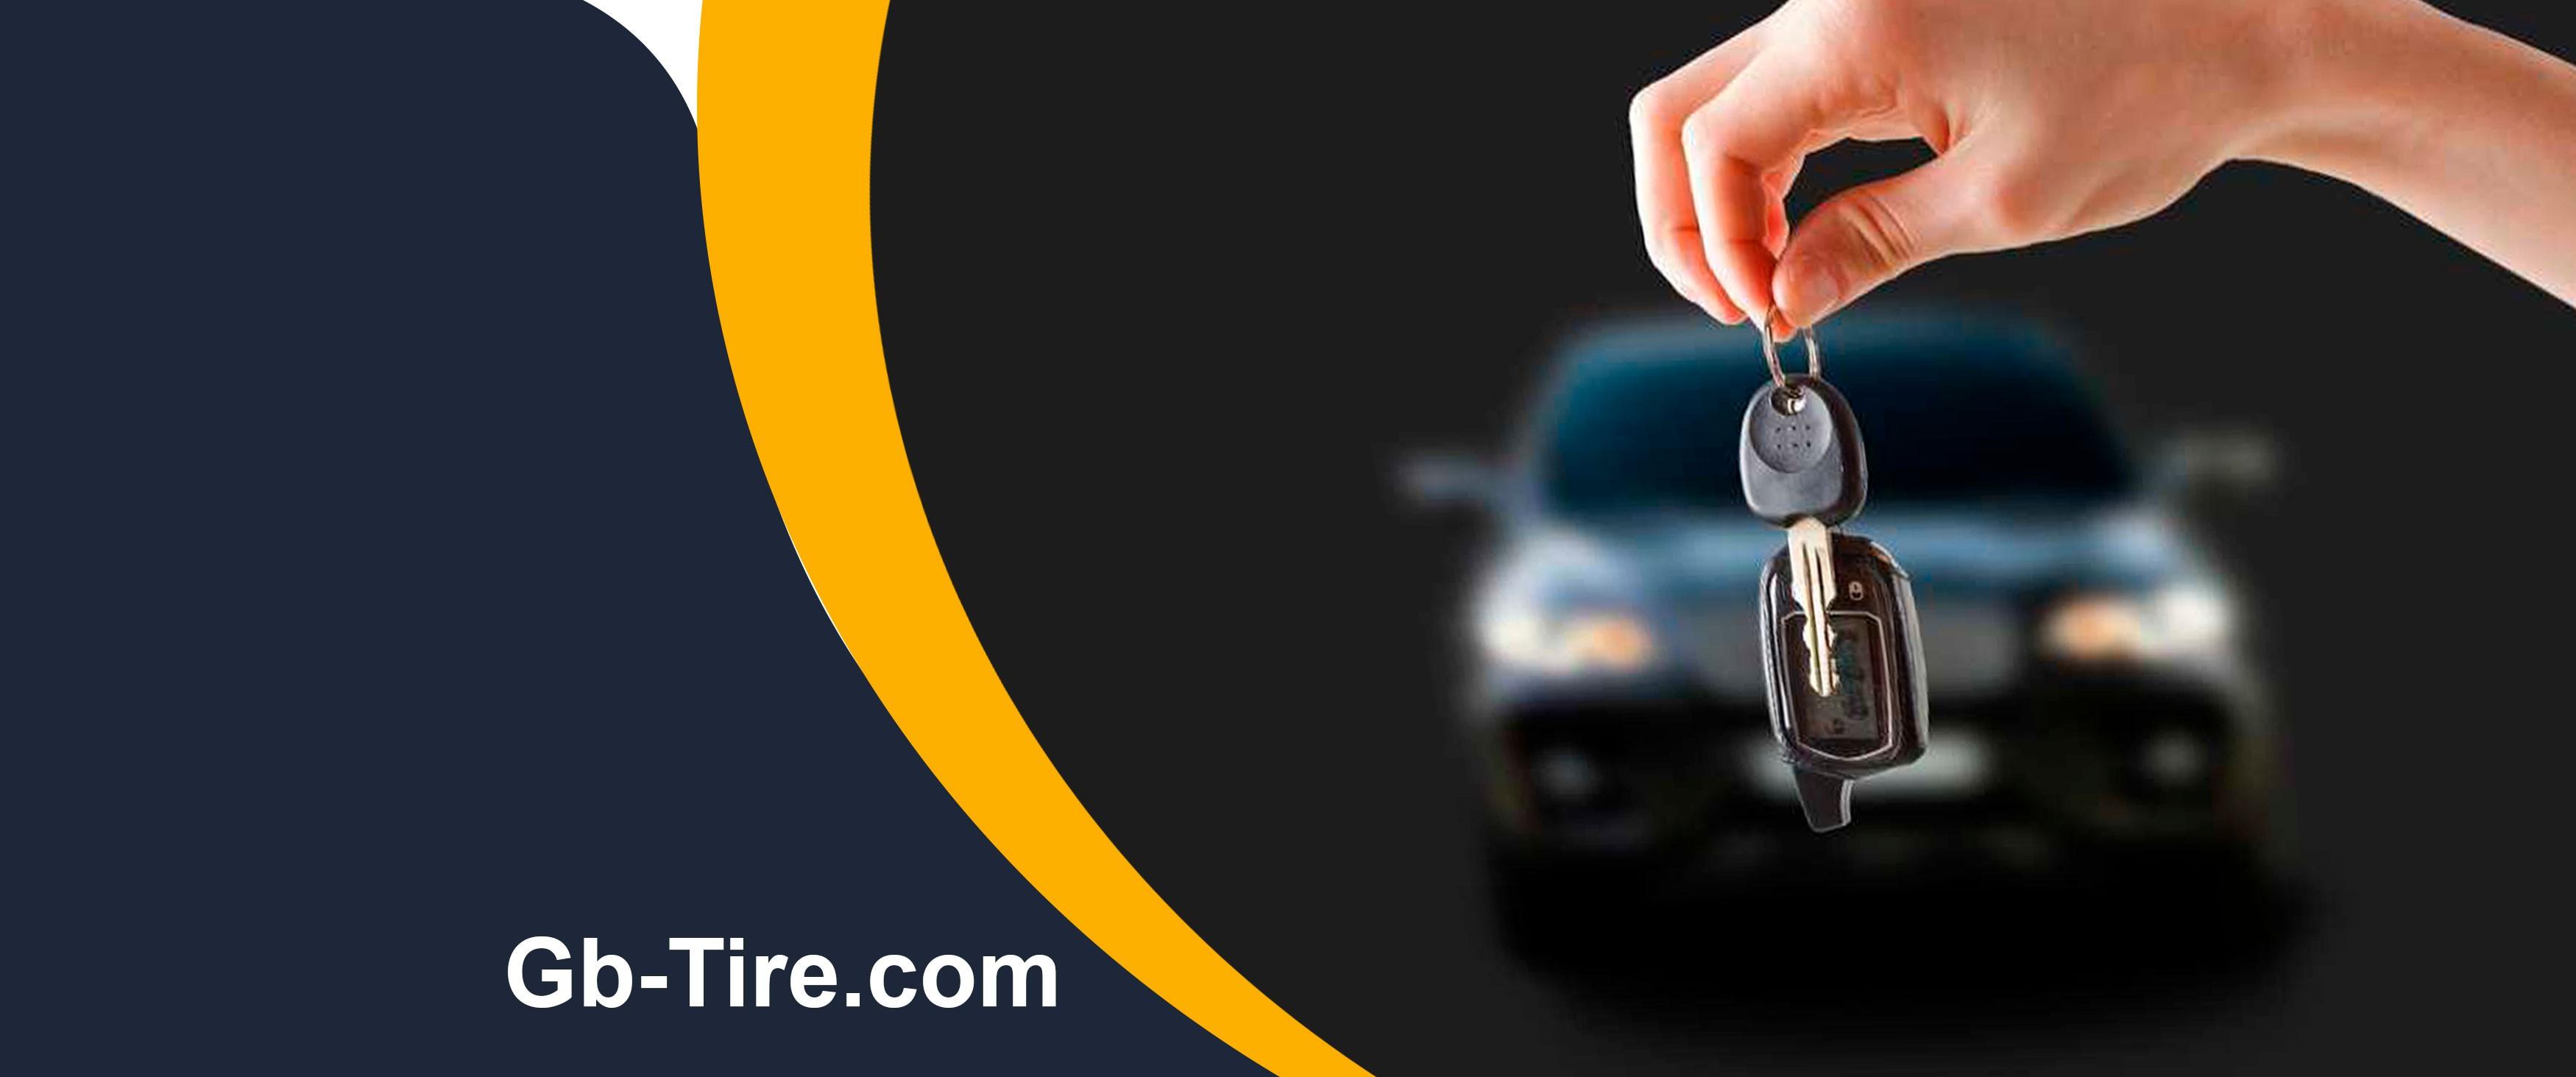 در چه زمانی اقدام به فروش خودرو کنیم؟